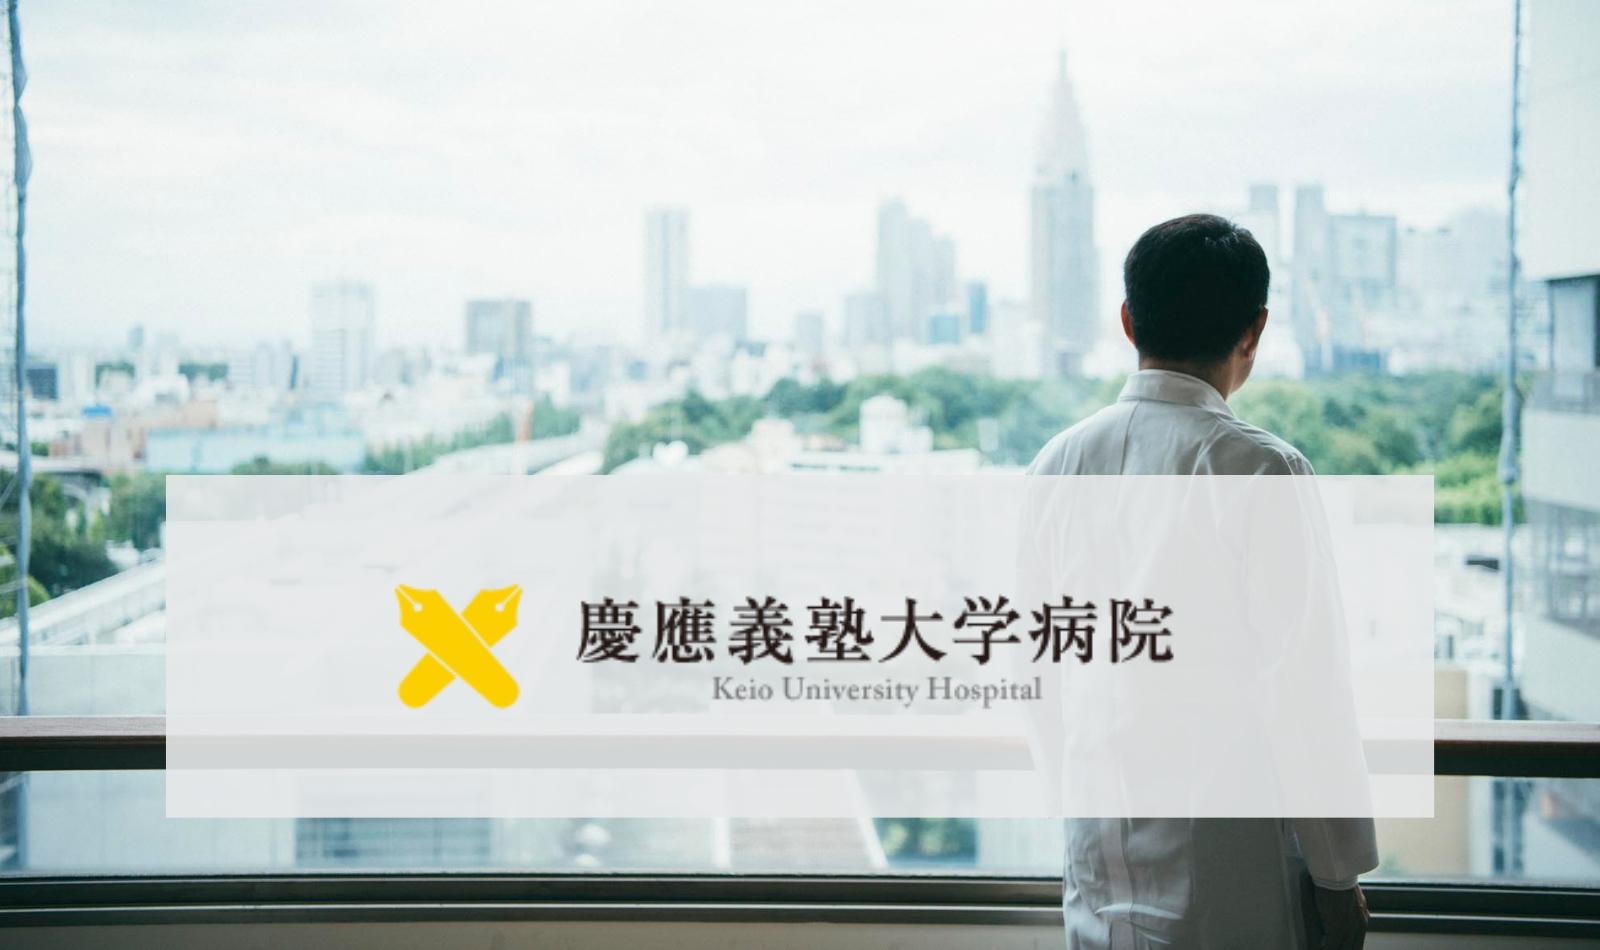 慶應義塾大学医学部神経内科|Webサイトリニューアル